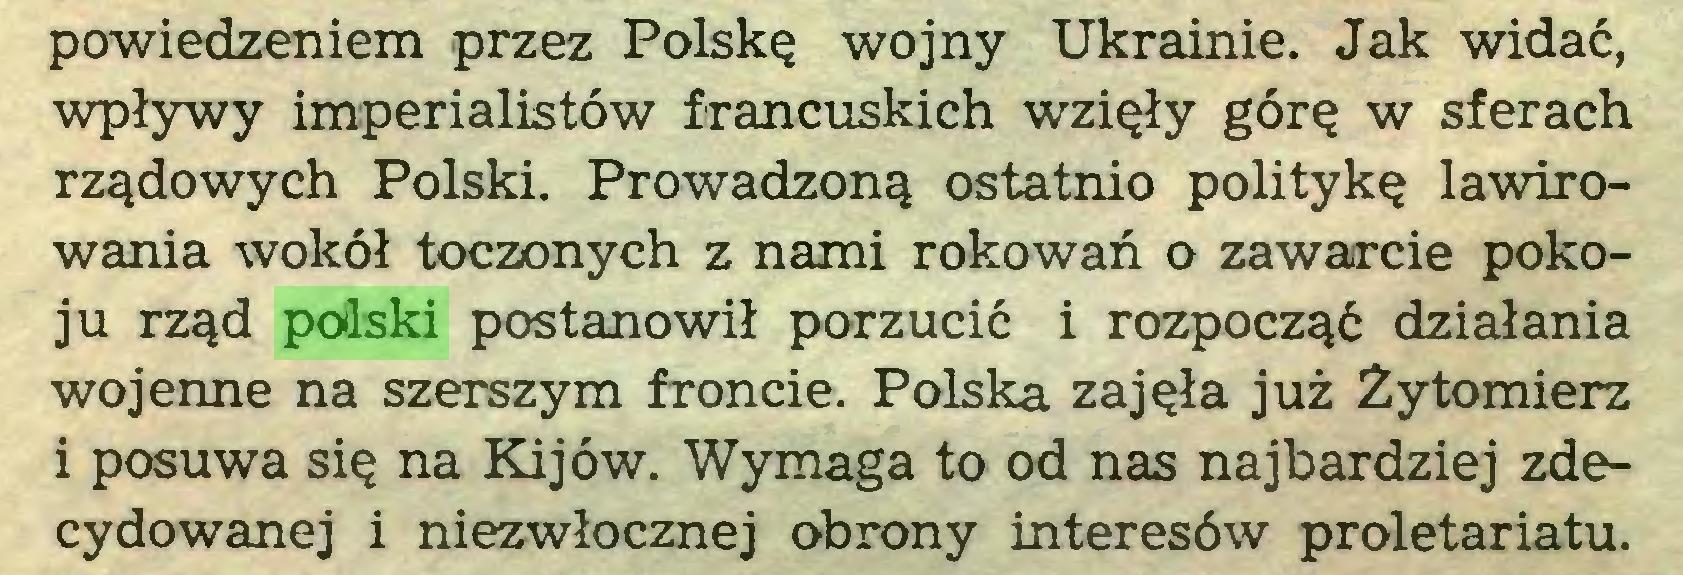 (...) powiedzeniem przez Polskę wojny Ukrainie. Jak widać, wpływy imperialistów francuskich wzięły górę w sferach rządowych Polski. Prowadzoną ostatnio politykę lawirowania wokół toczonych z nami rokowań o zawarcie pokoju rząd podski postanowił porzucić i rozpocząć działania wojenne na szerszym froncie. Polska zajęła już Żytomierz i posuwa się na Kijów. Wymaga to od nas najbardziej zdecydowanej i niezwłocznej obrony interesów proletariatu...